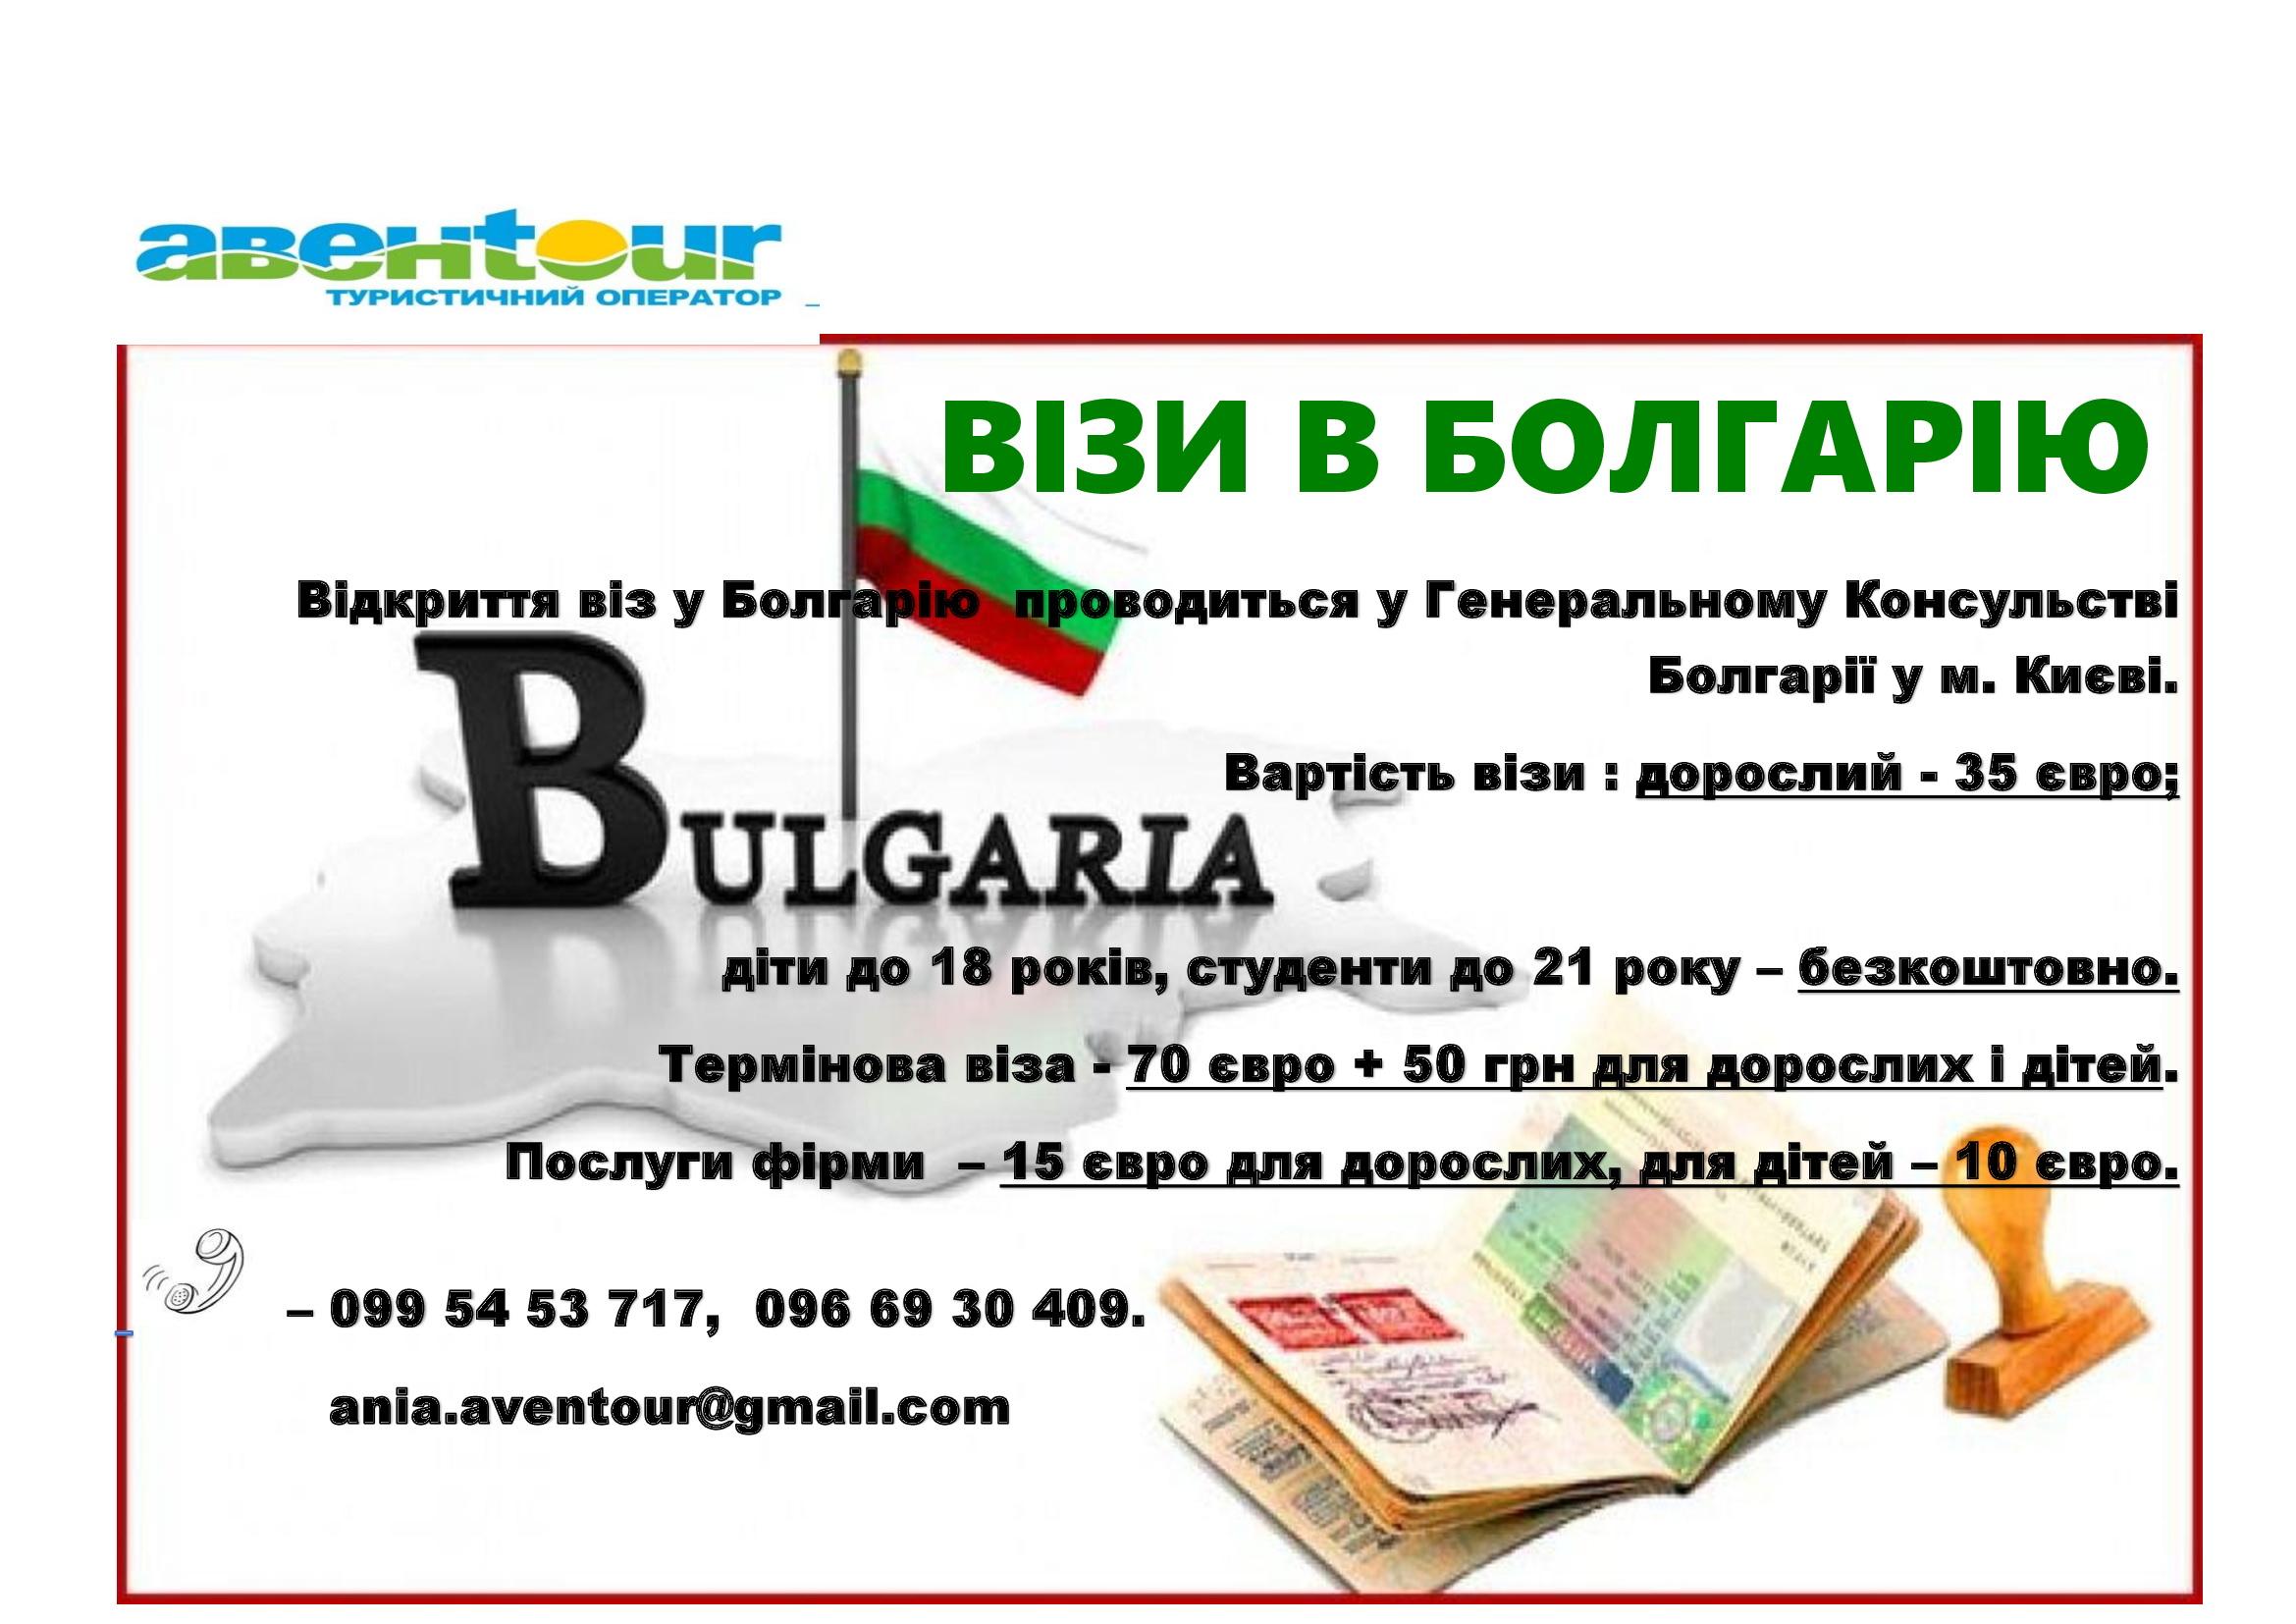 Віза в Болгарію, зображення 1